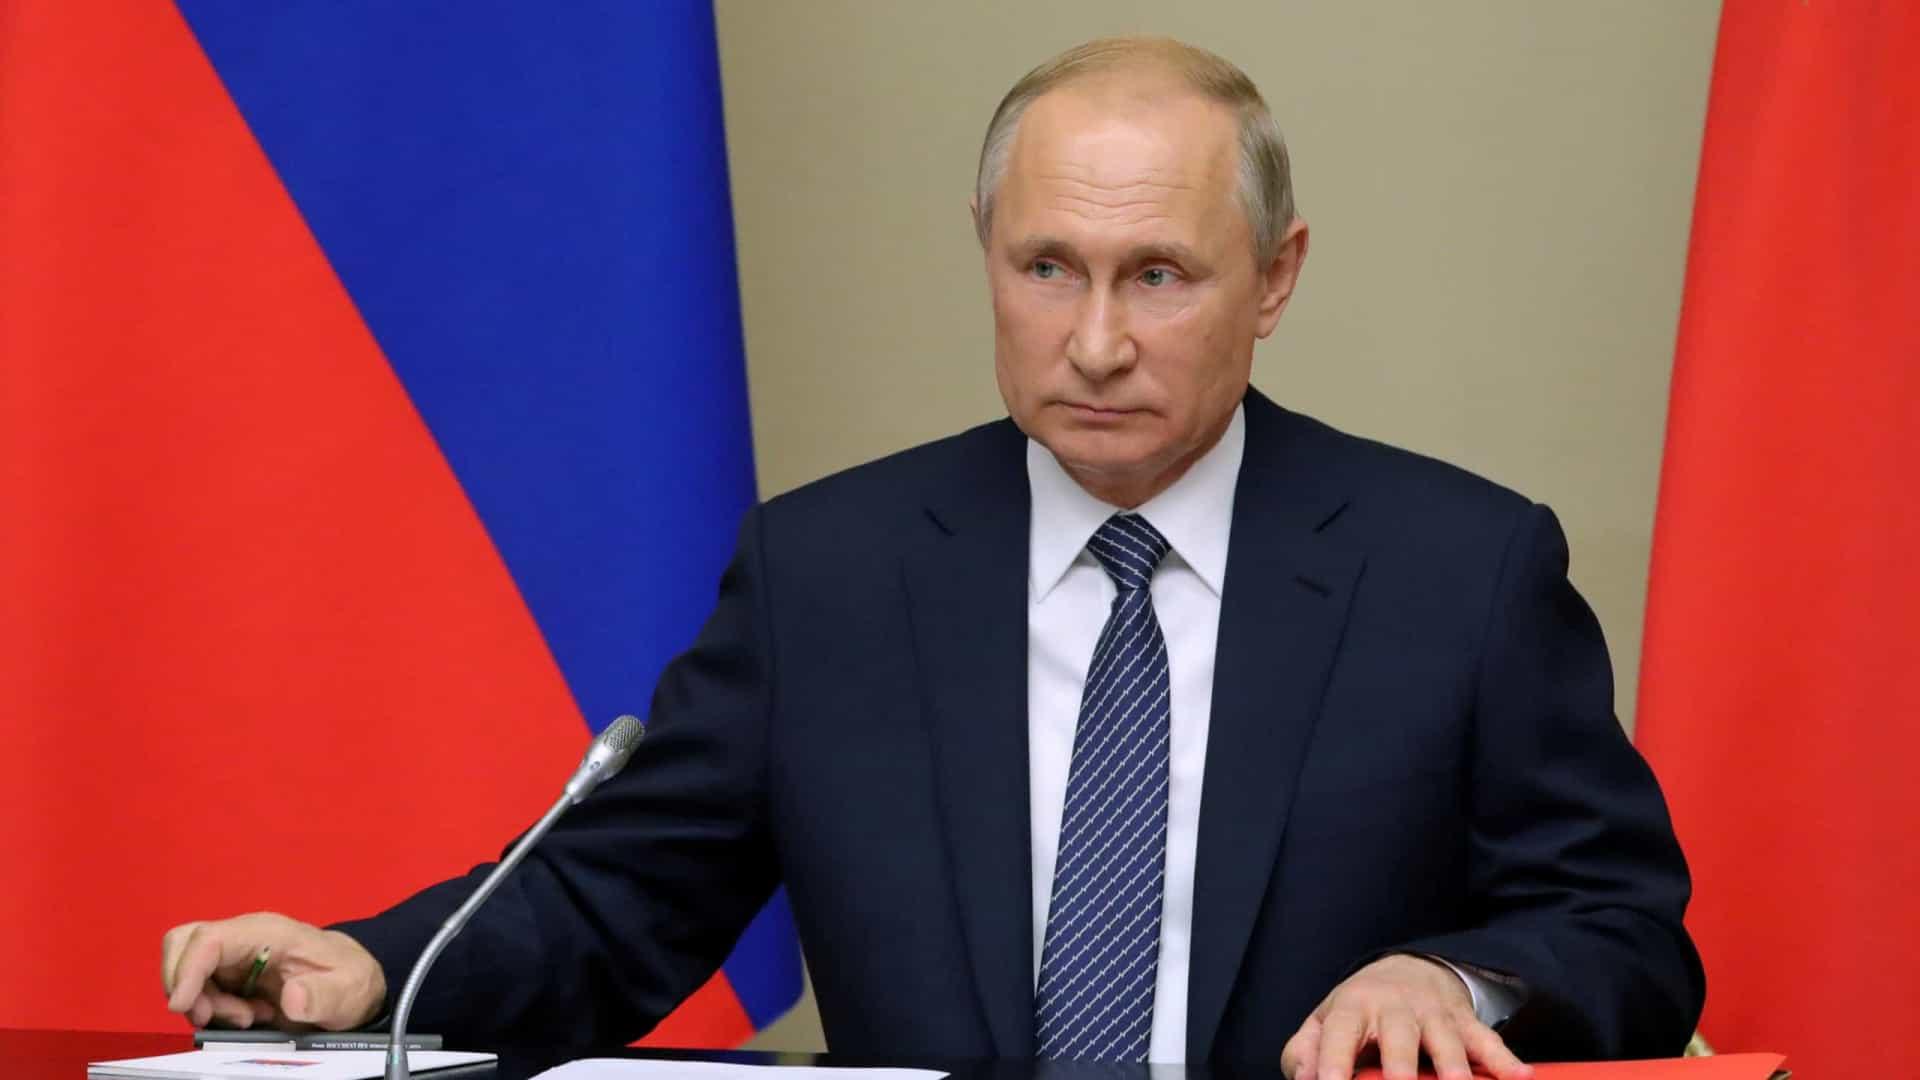 Urgente! Putin afirma que os criptoativos podem servir como meio de pagamento em transações comerciais.